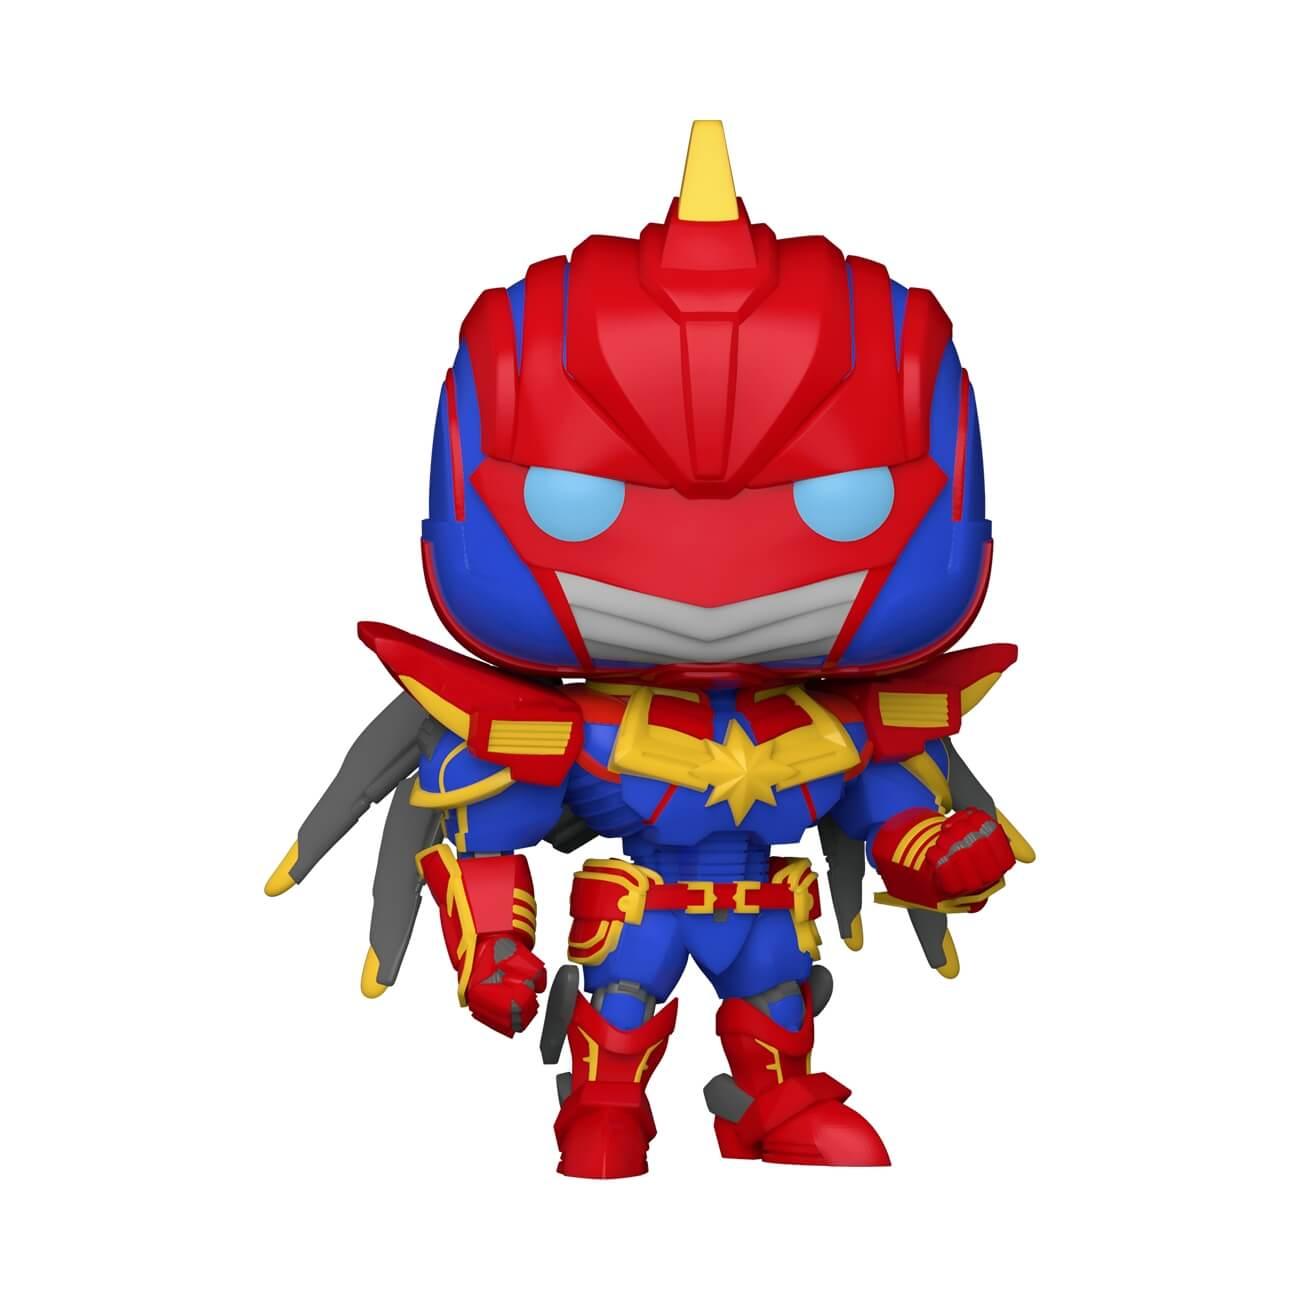 Marvel Marvel Mech Captain Marvel Funko Pop! Vinyl